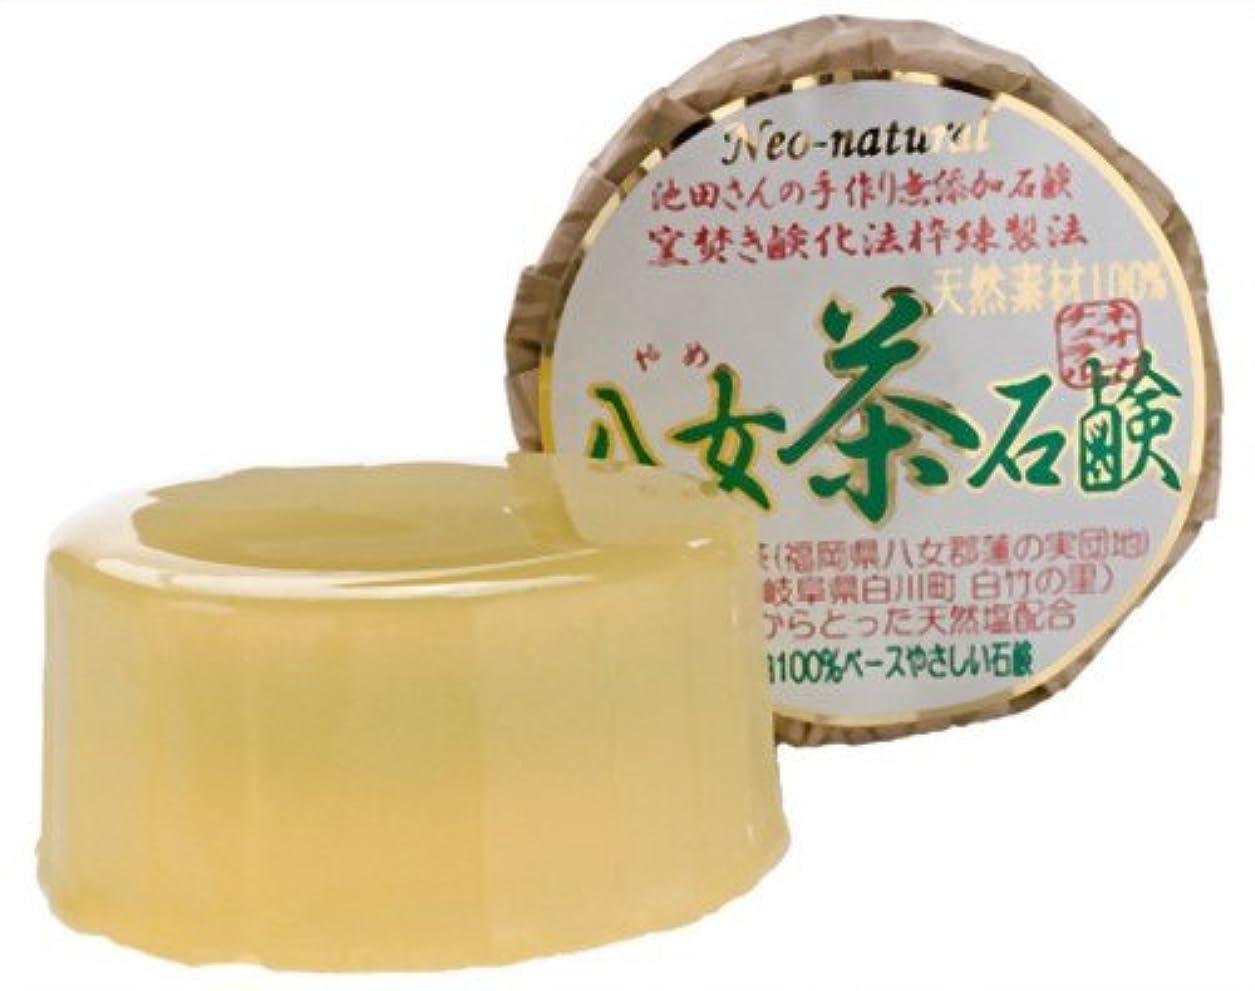 カートリッジ国家センチメンタルネオナチュラル 池田さんの八女茶石鹸 80g